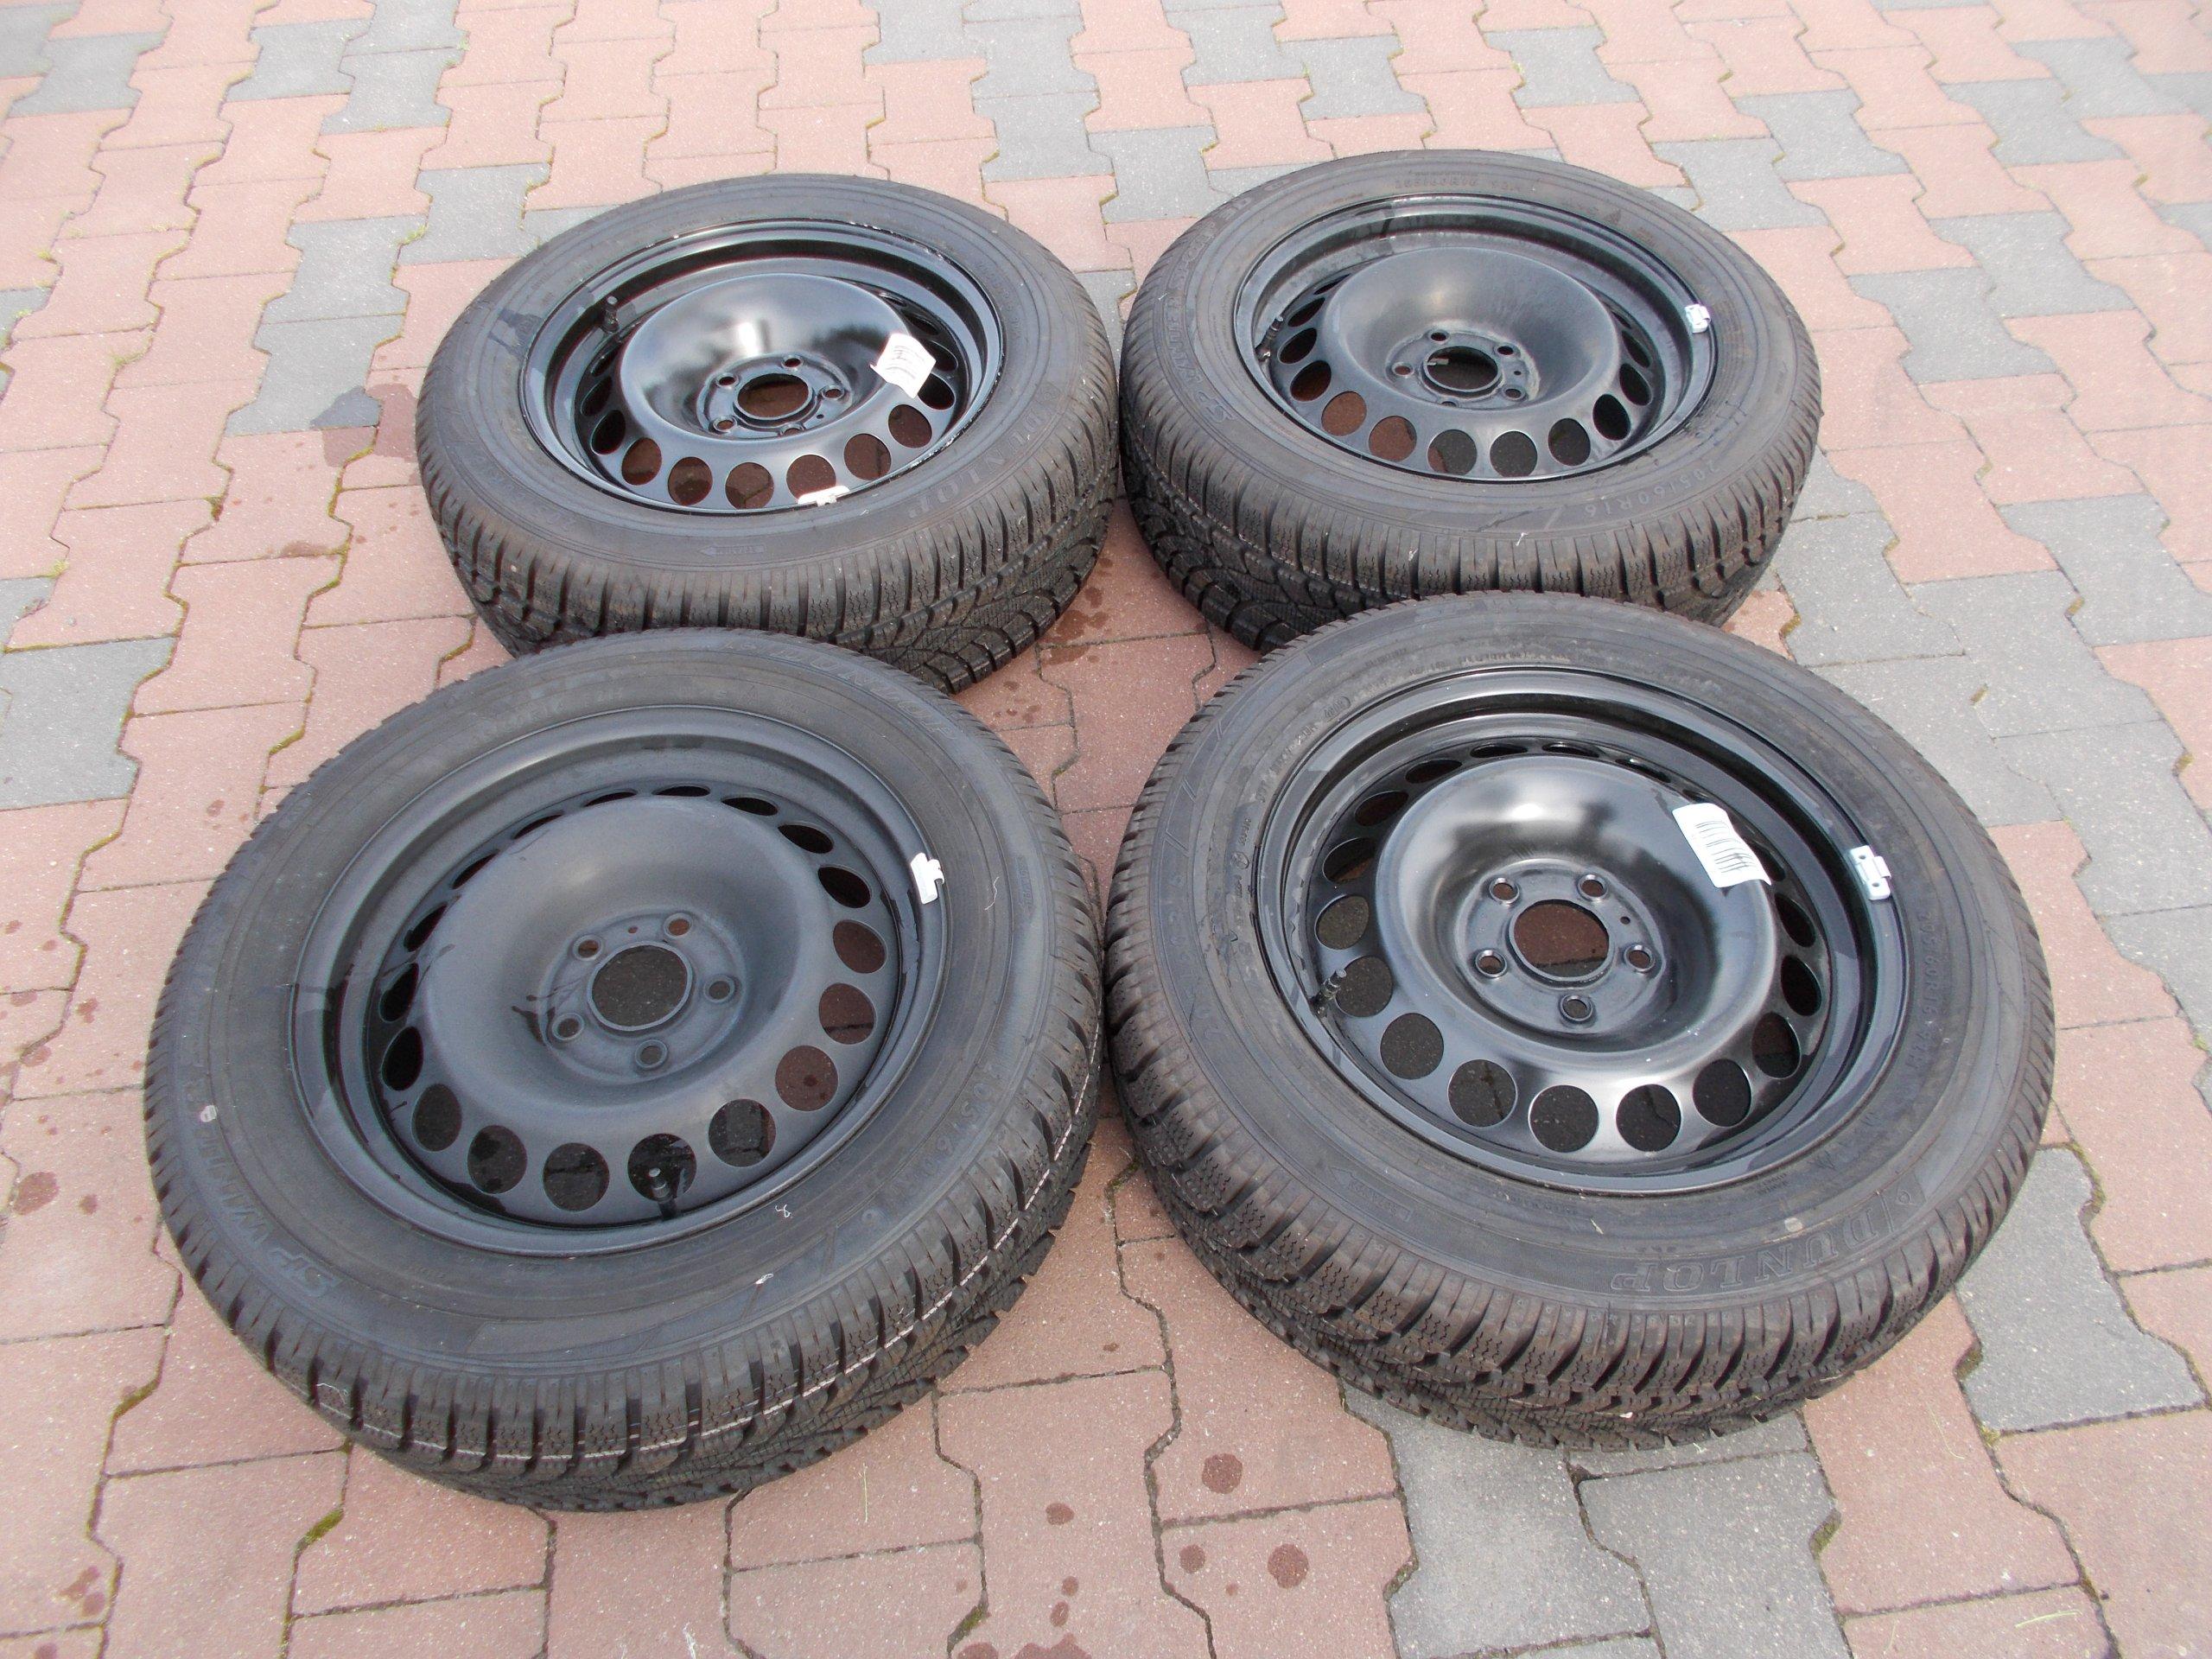 Koła Felgi Opony Audi A5 8t 20560r16 Zimowe Nowe 7354118778